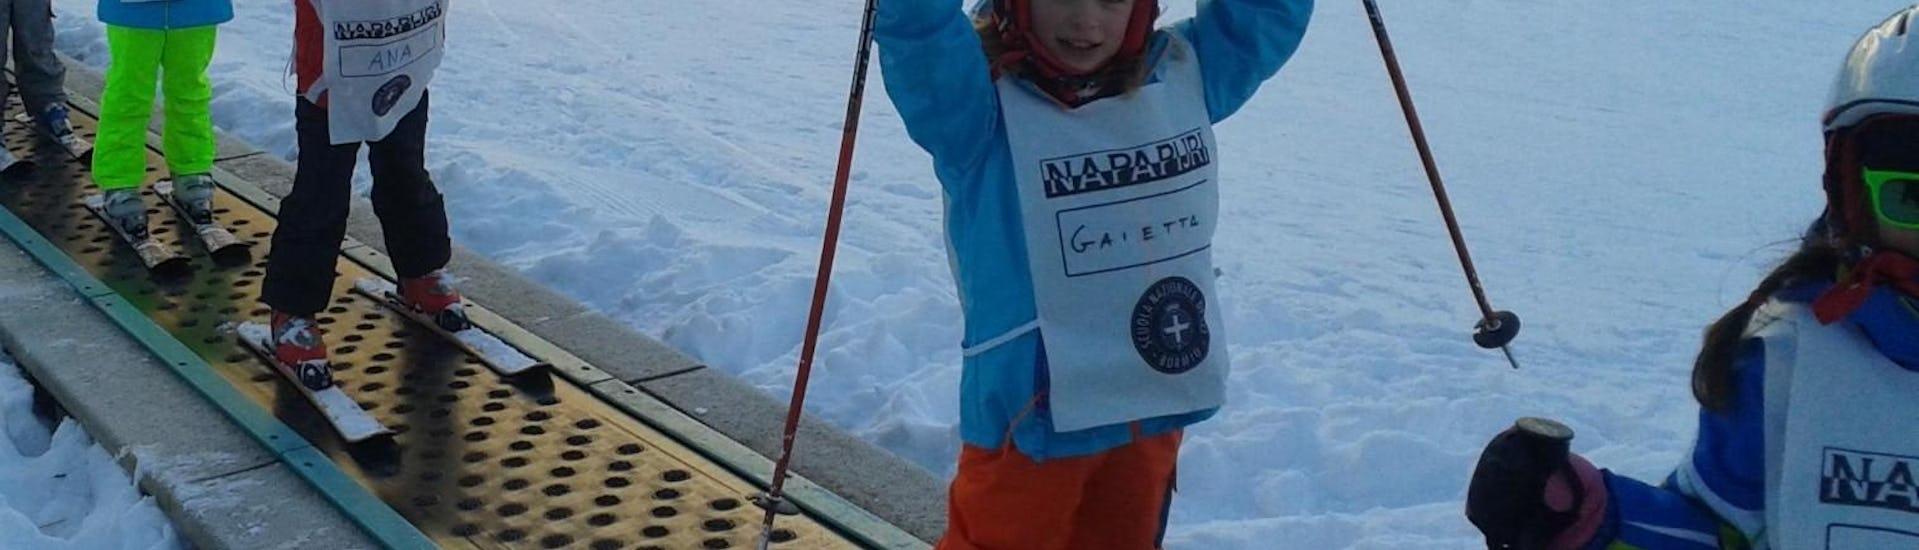 Skikurs für Kinder (6-12 Jahre) - Full Day - Alle Levels